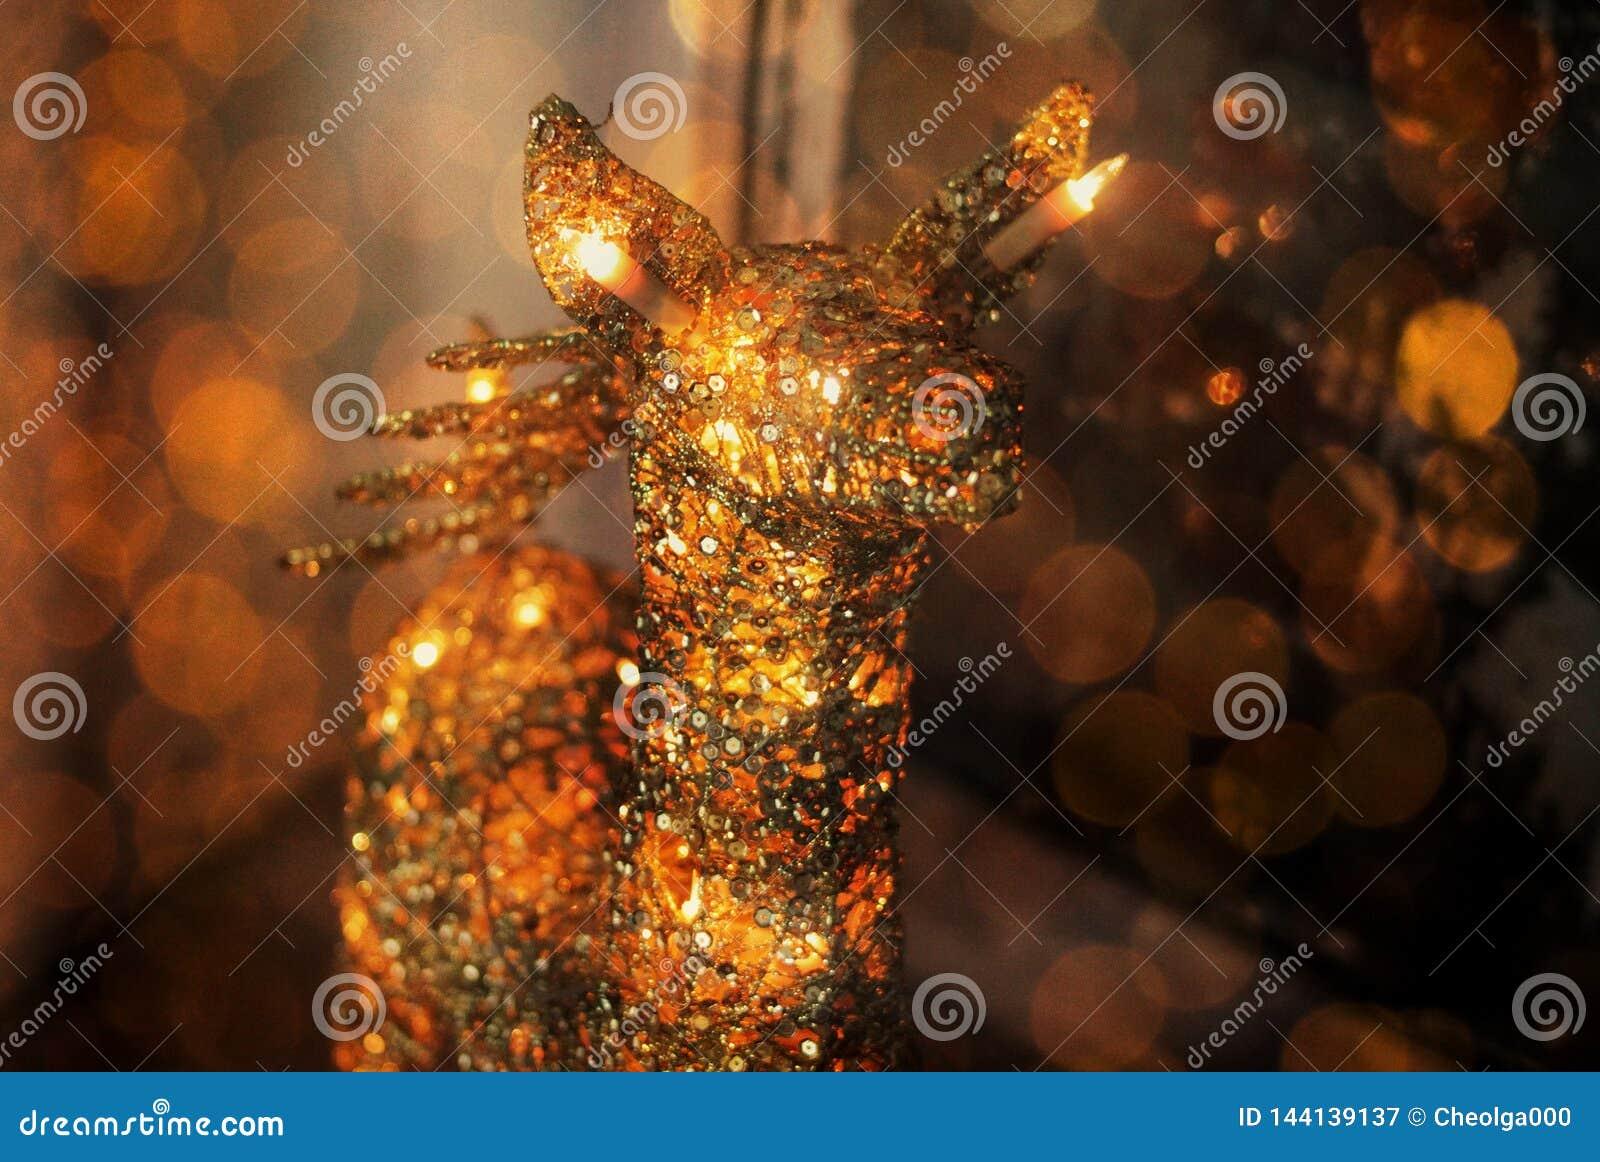 Ciervos de la Navidad de luces en un fondo oscuro